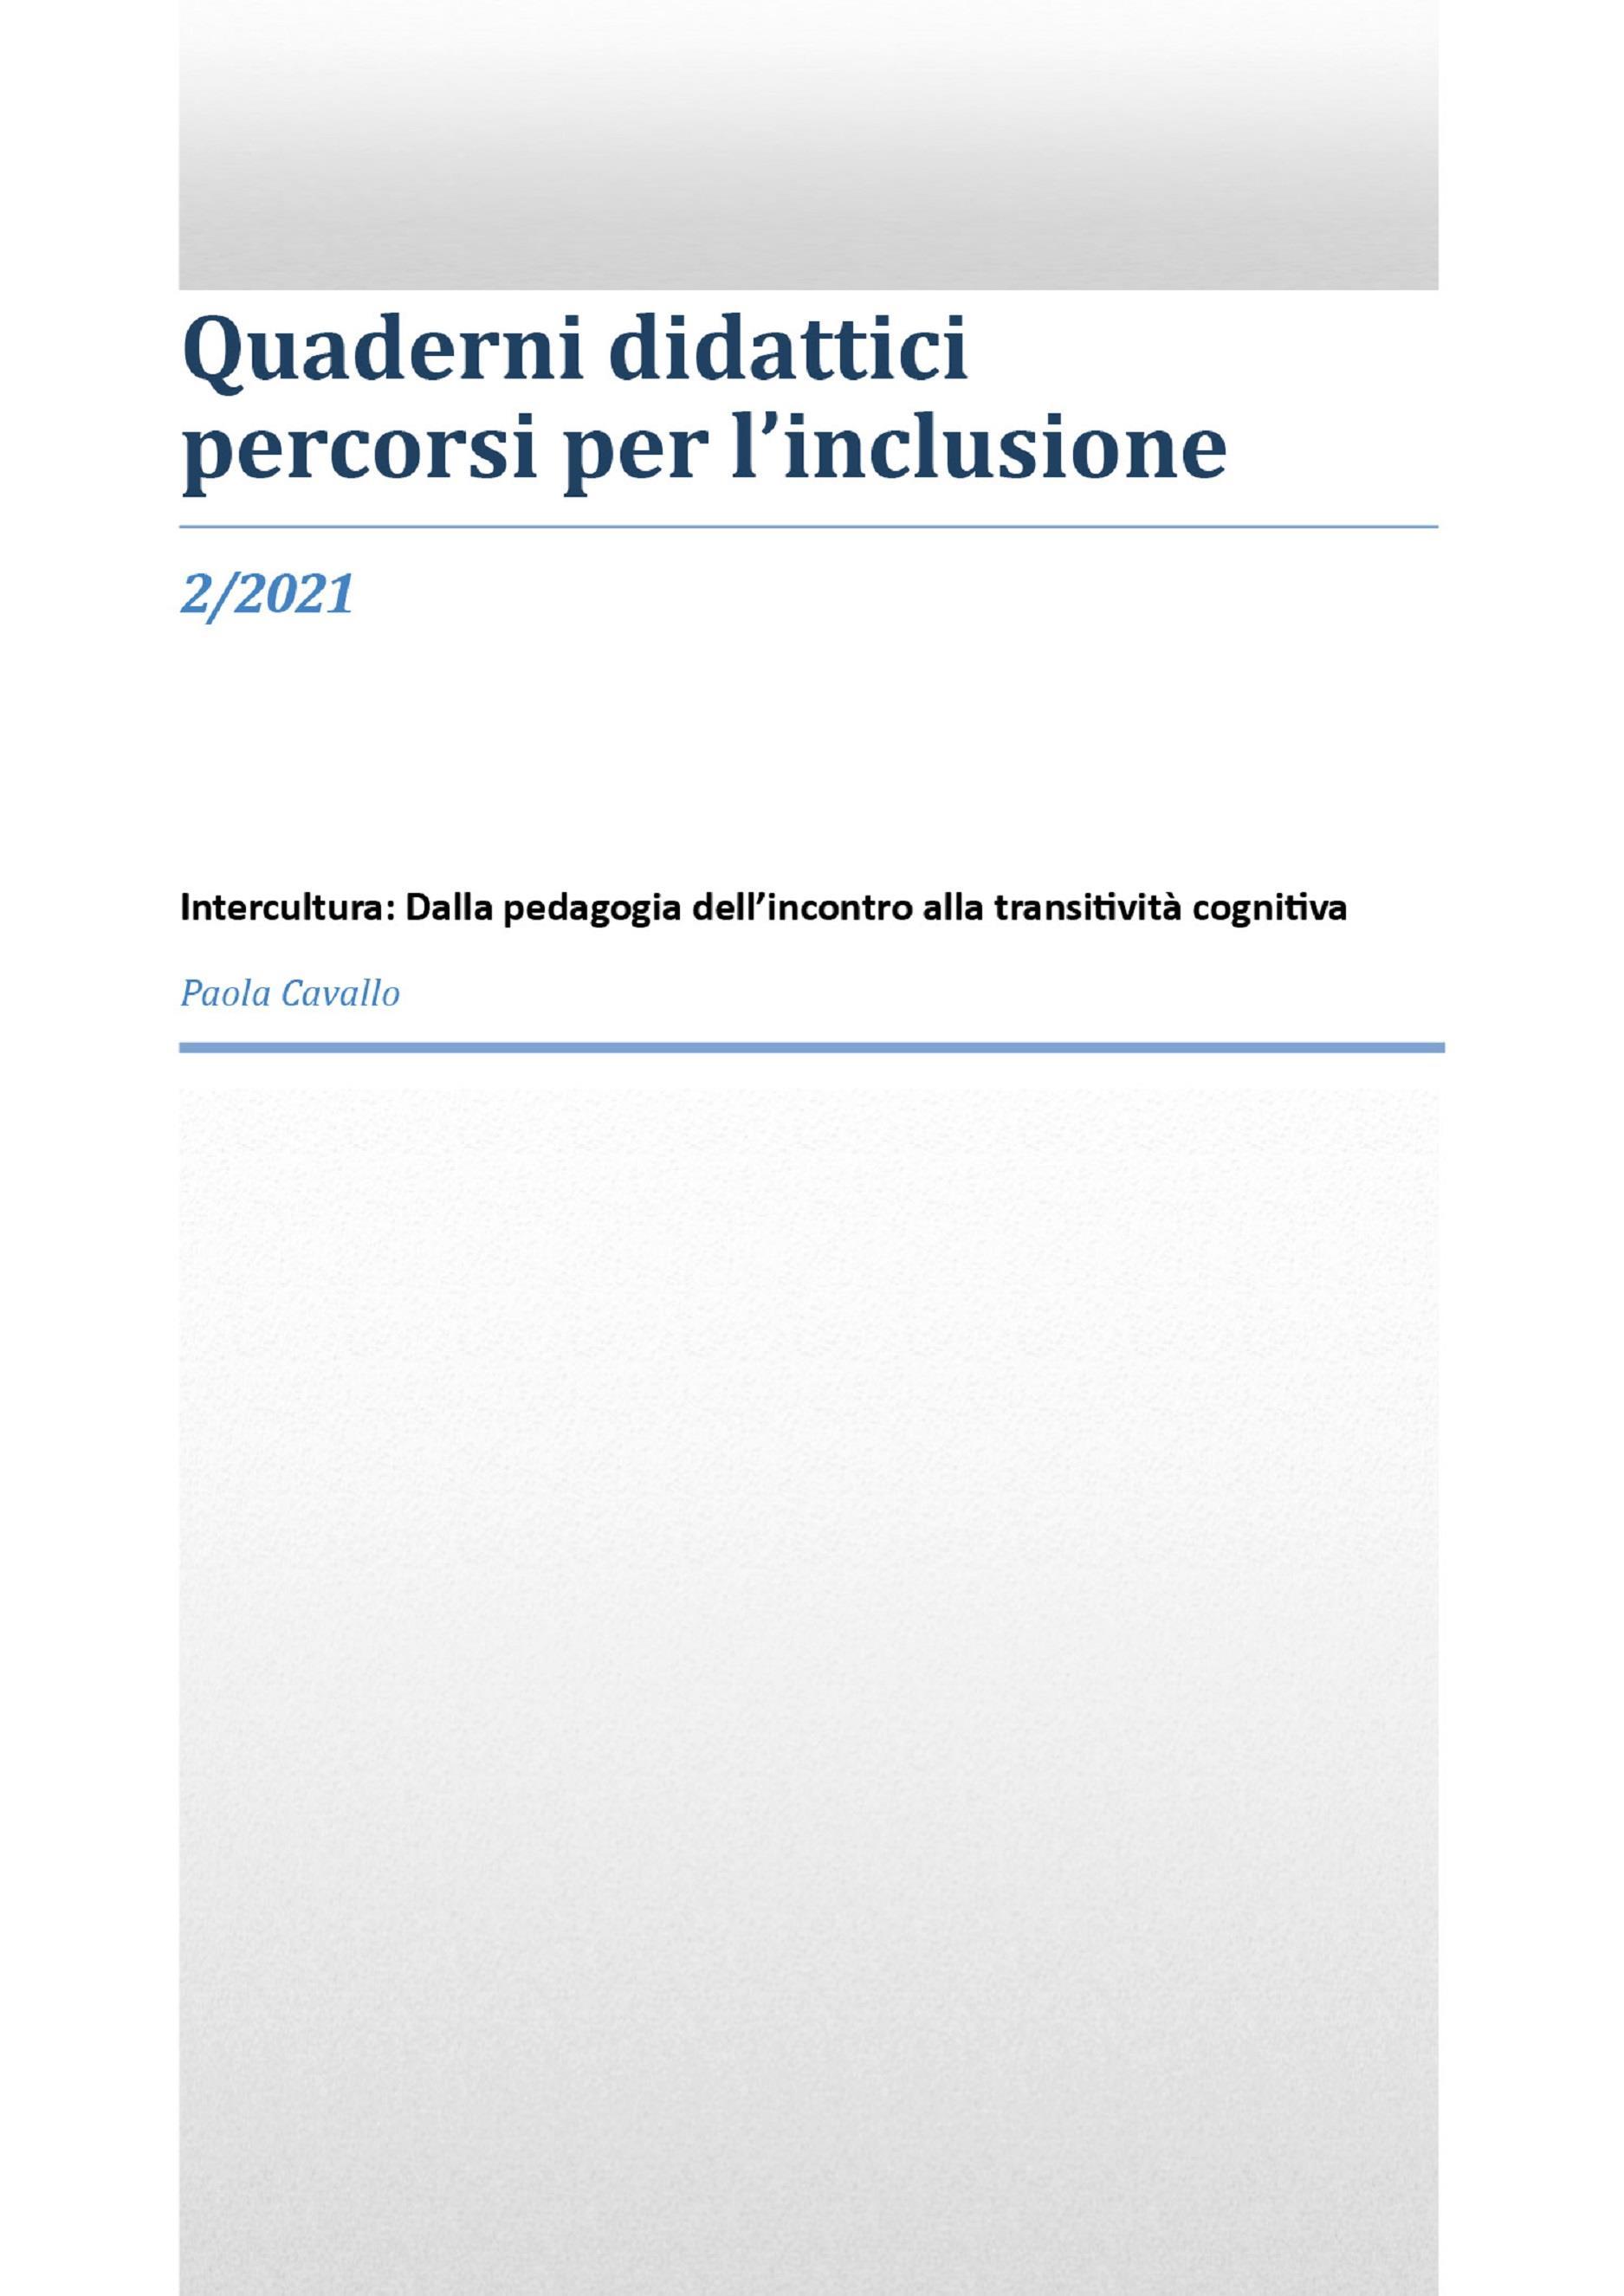 Intercultura: dalla pedagogia dell'incontro alla transitività cognitiva